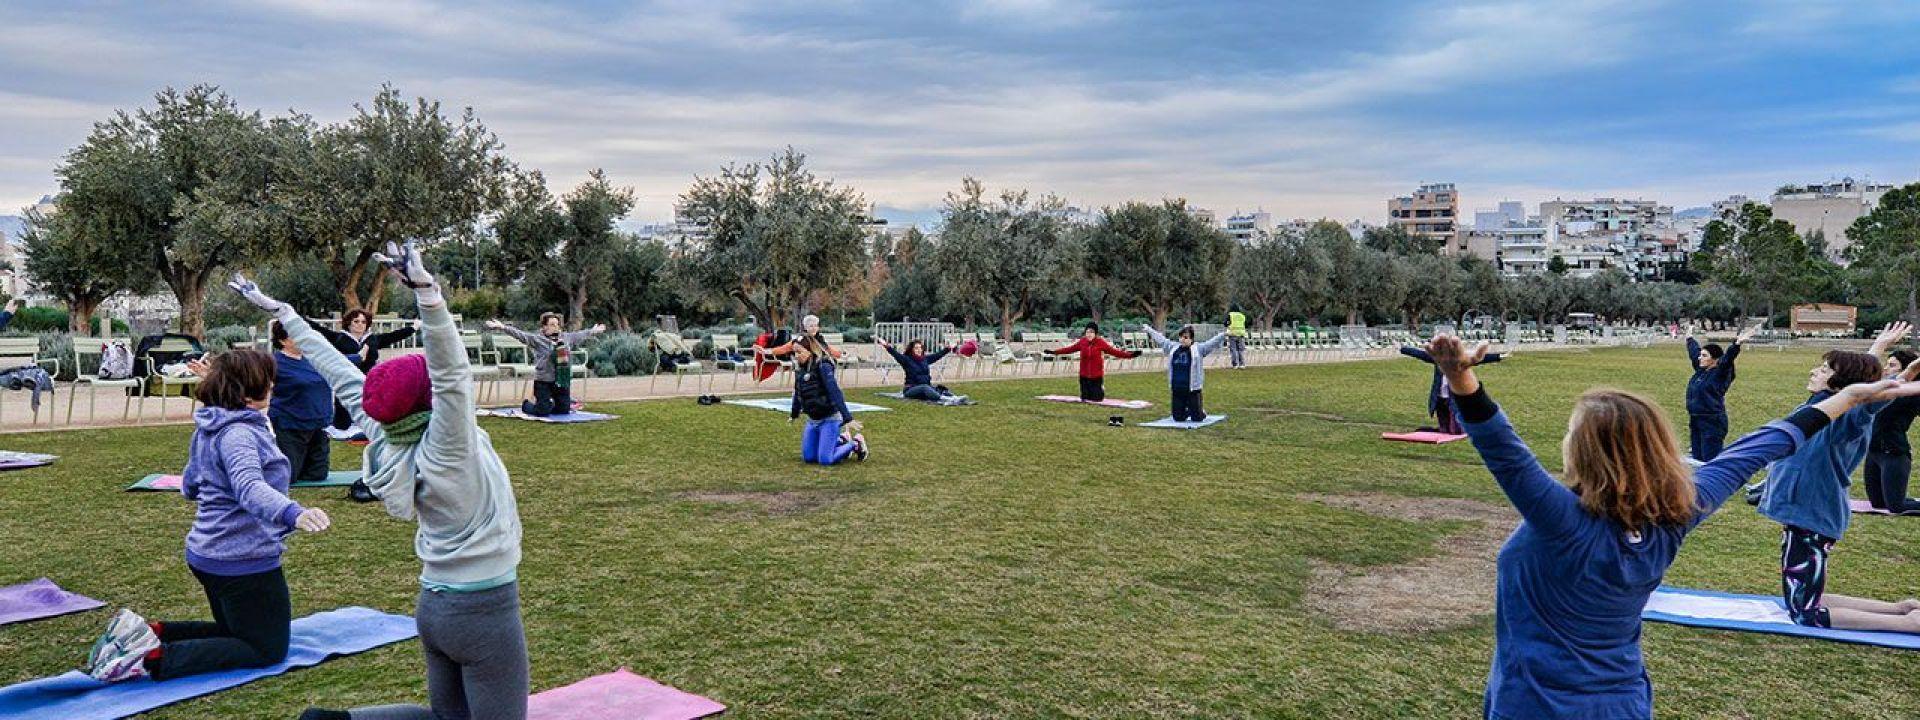 Φωτογραφία που απεικονίζει βασικό μάθημα mat pilates